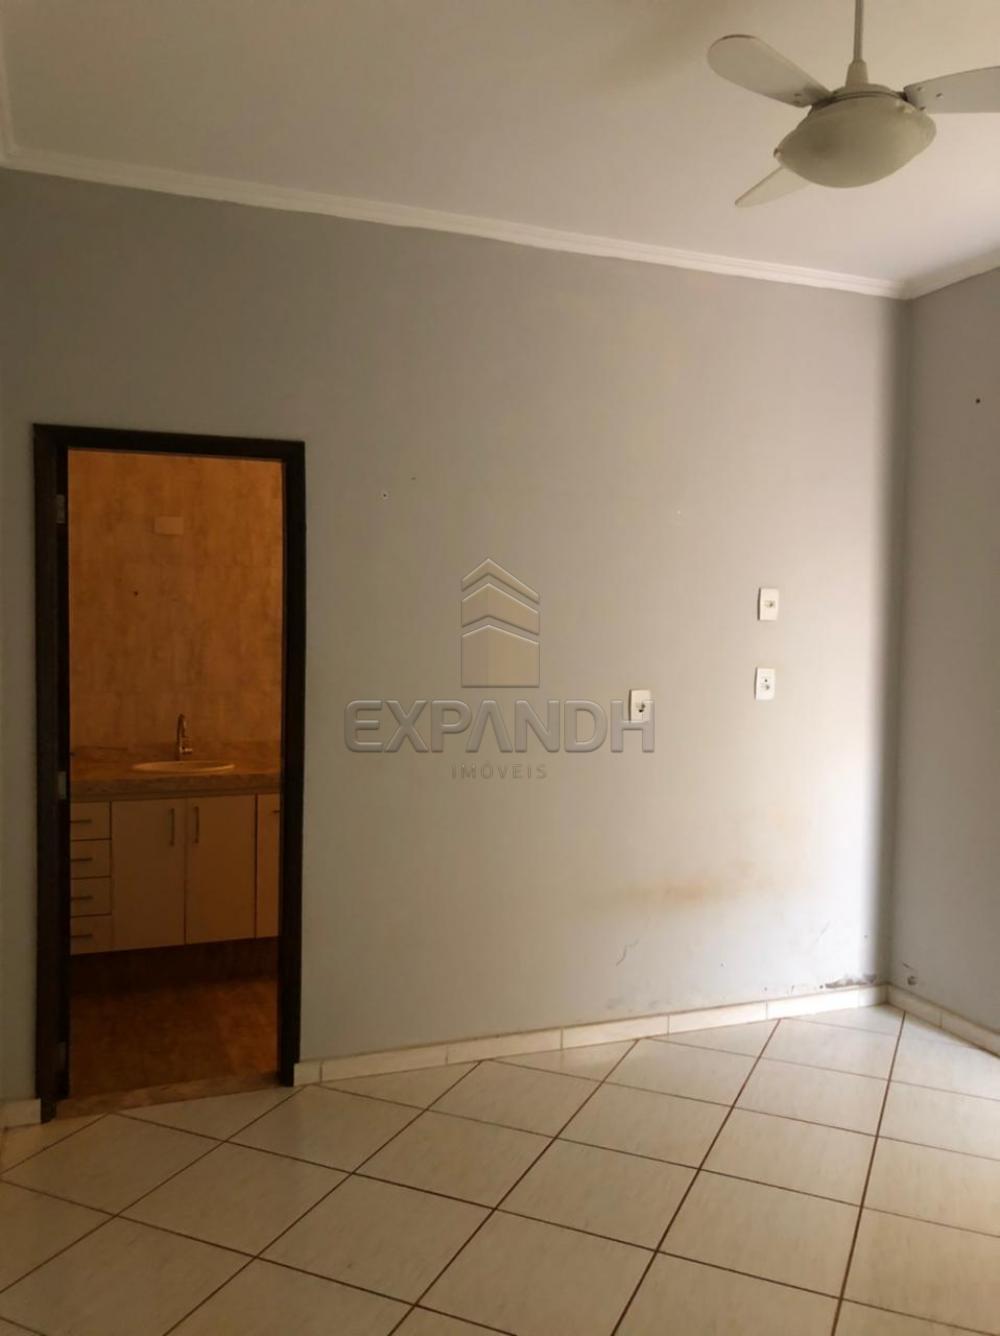 Alugar Casas / Padrão em Sertãozinho apenas R$ 1.500,00 - Foto 12